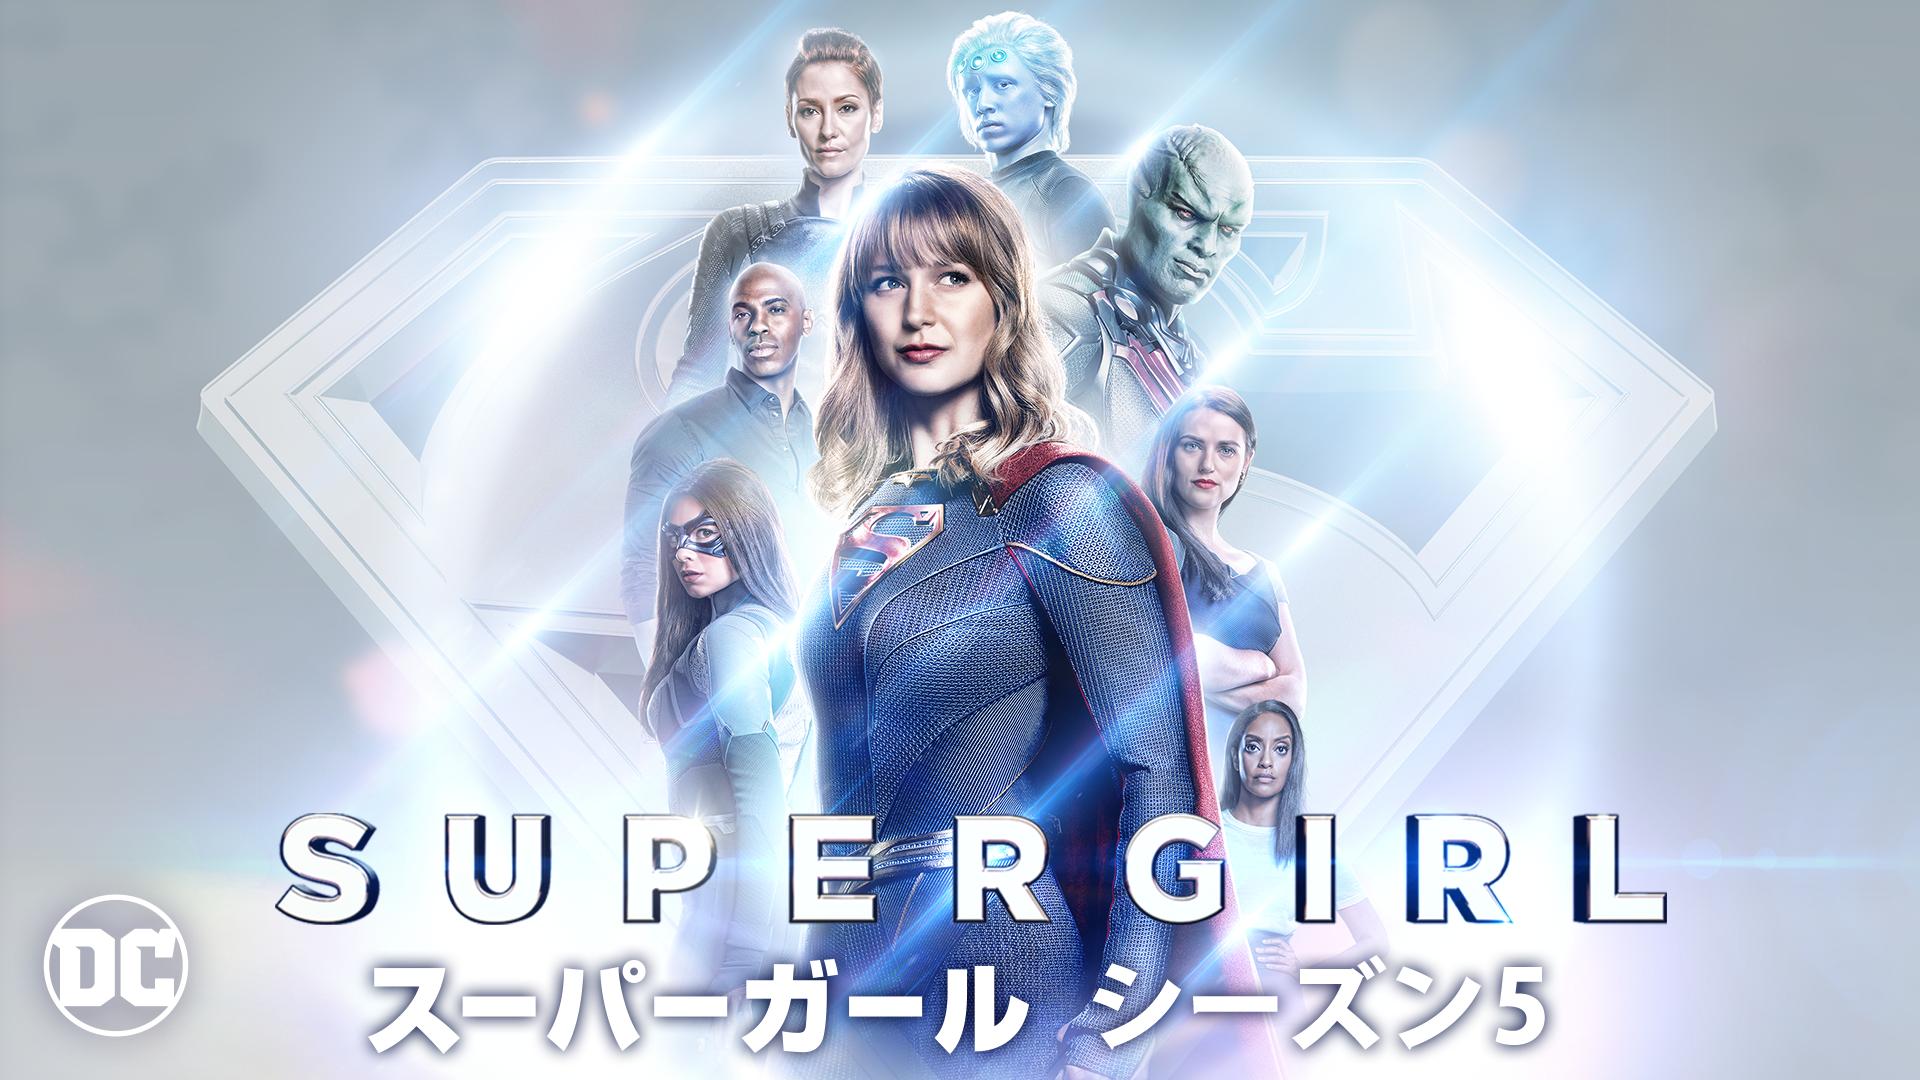 海外ドラマ『SUPERGIRL/スーパーガール シーズン5』無料動画!フル視聴できる動画配信サービスまとめ!